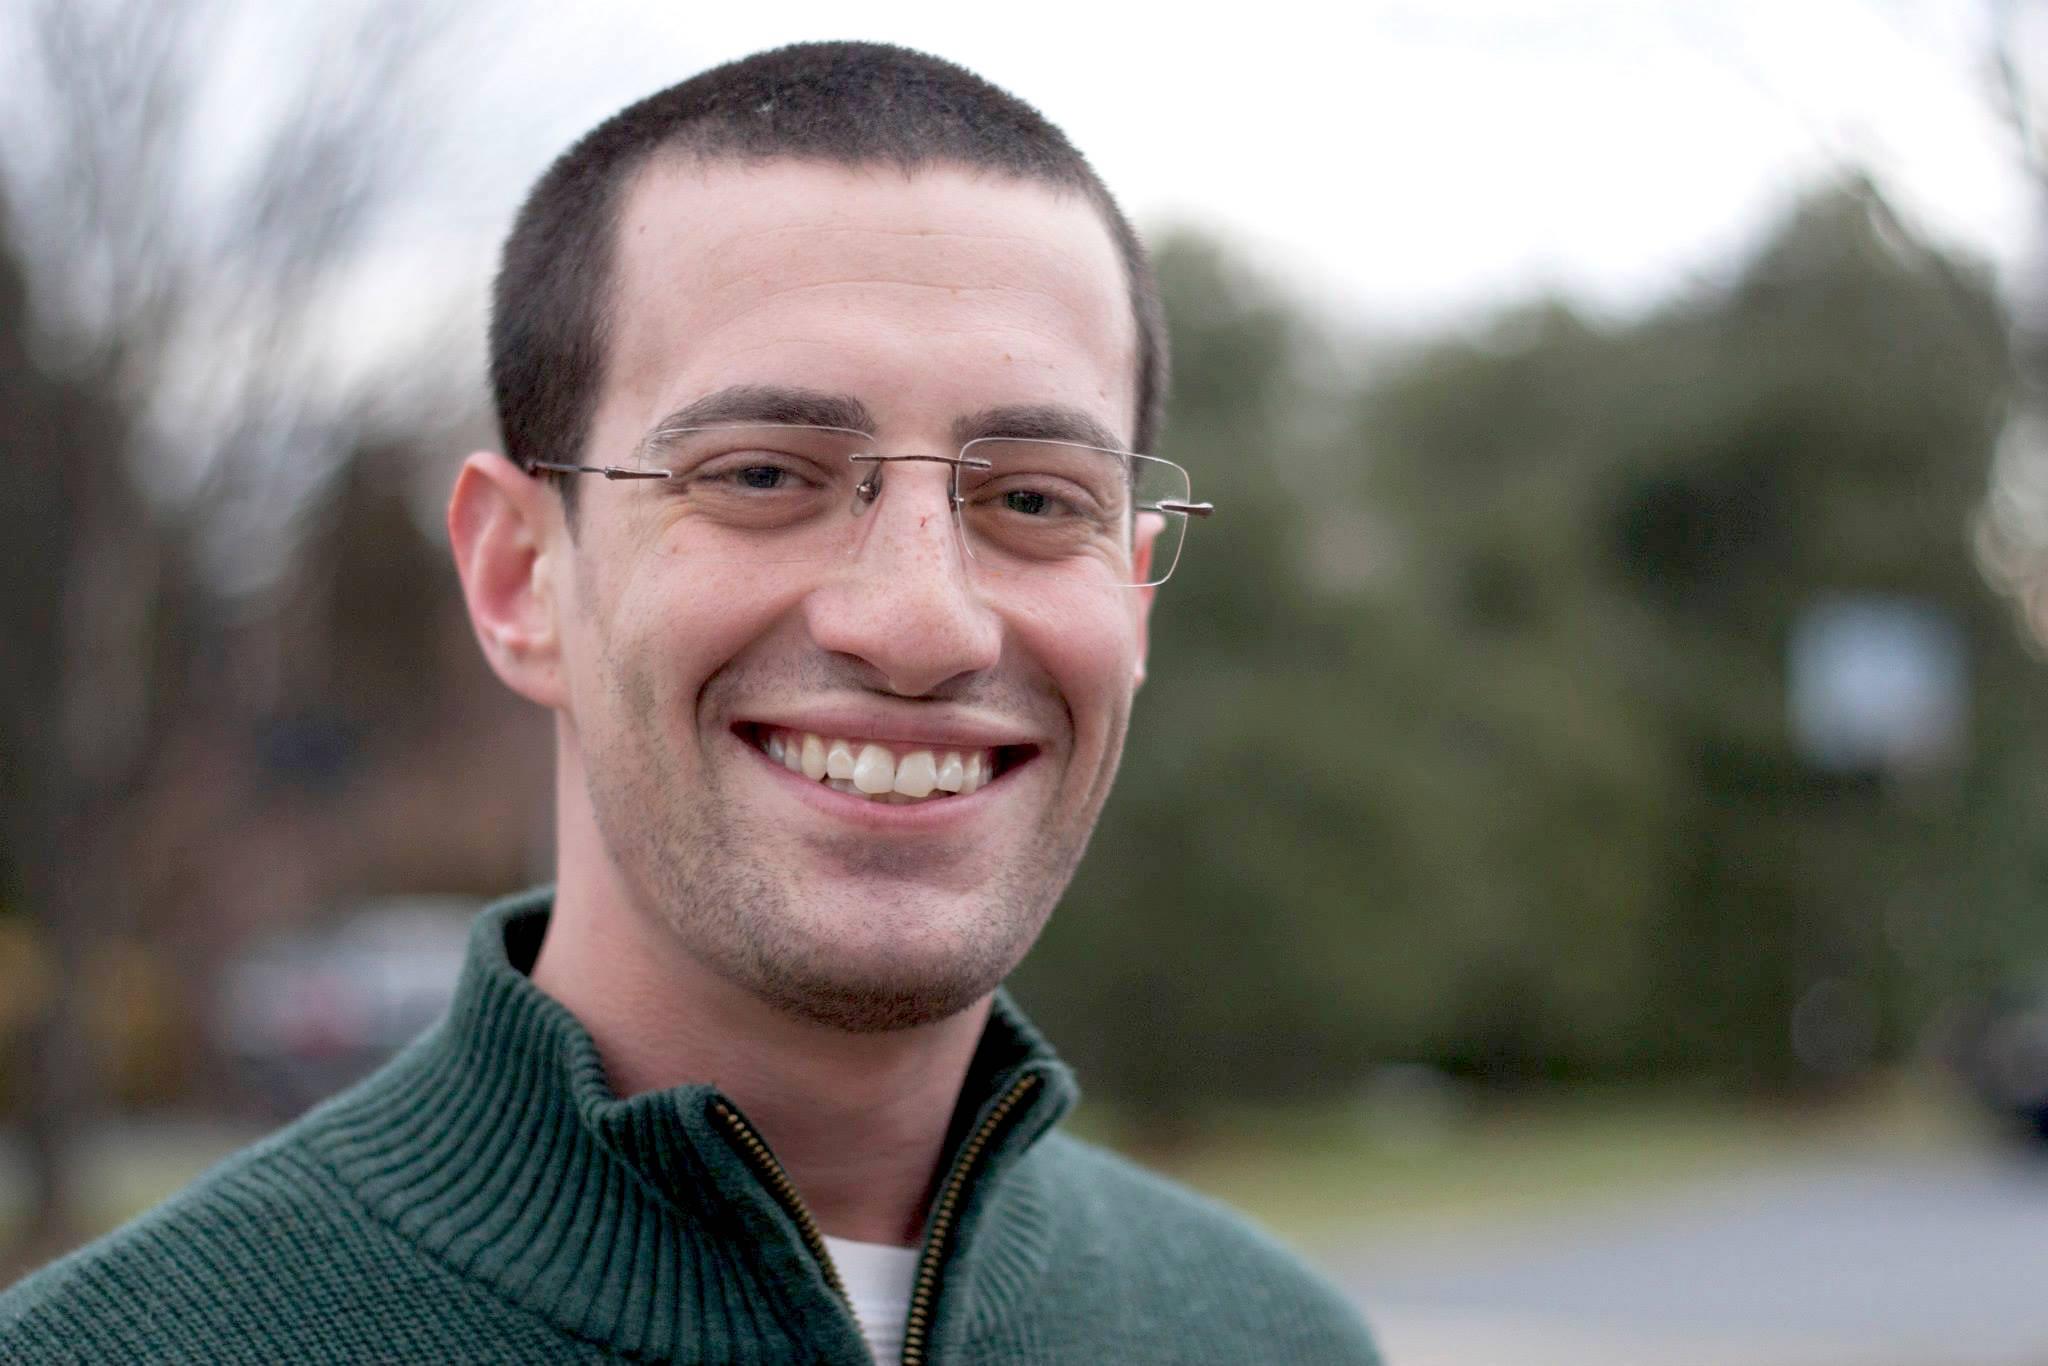 Manny L. Friedman